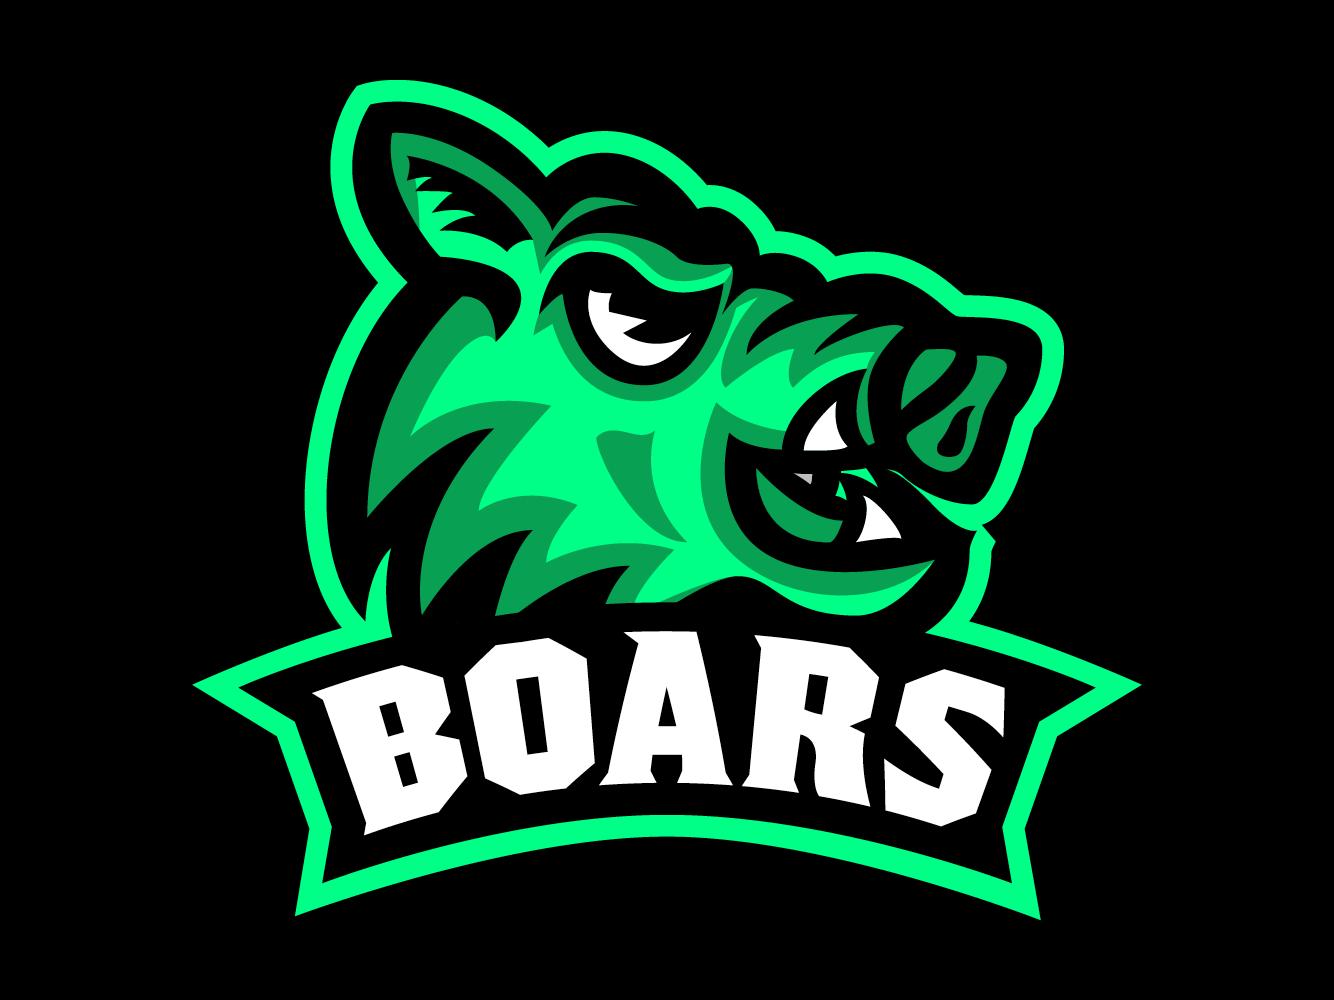 11. boars